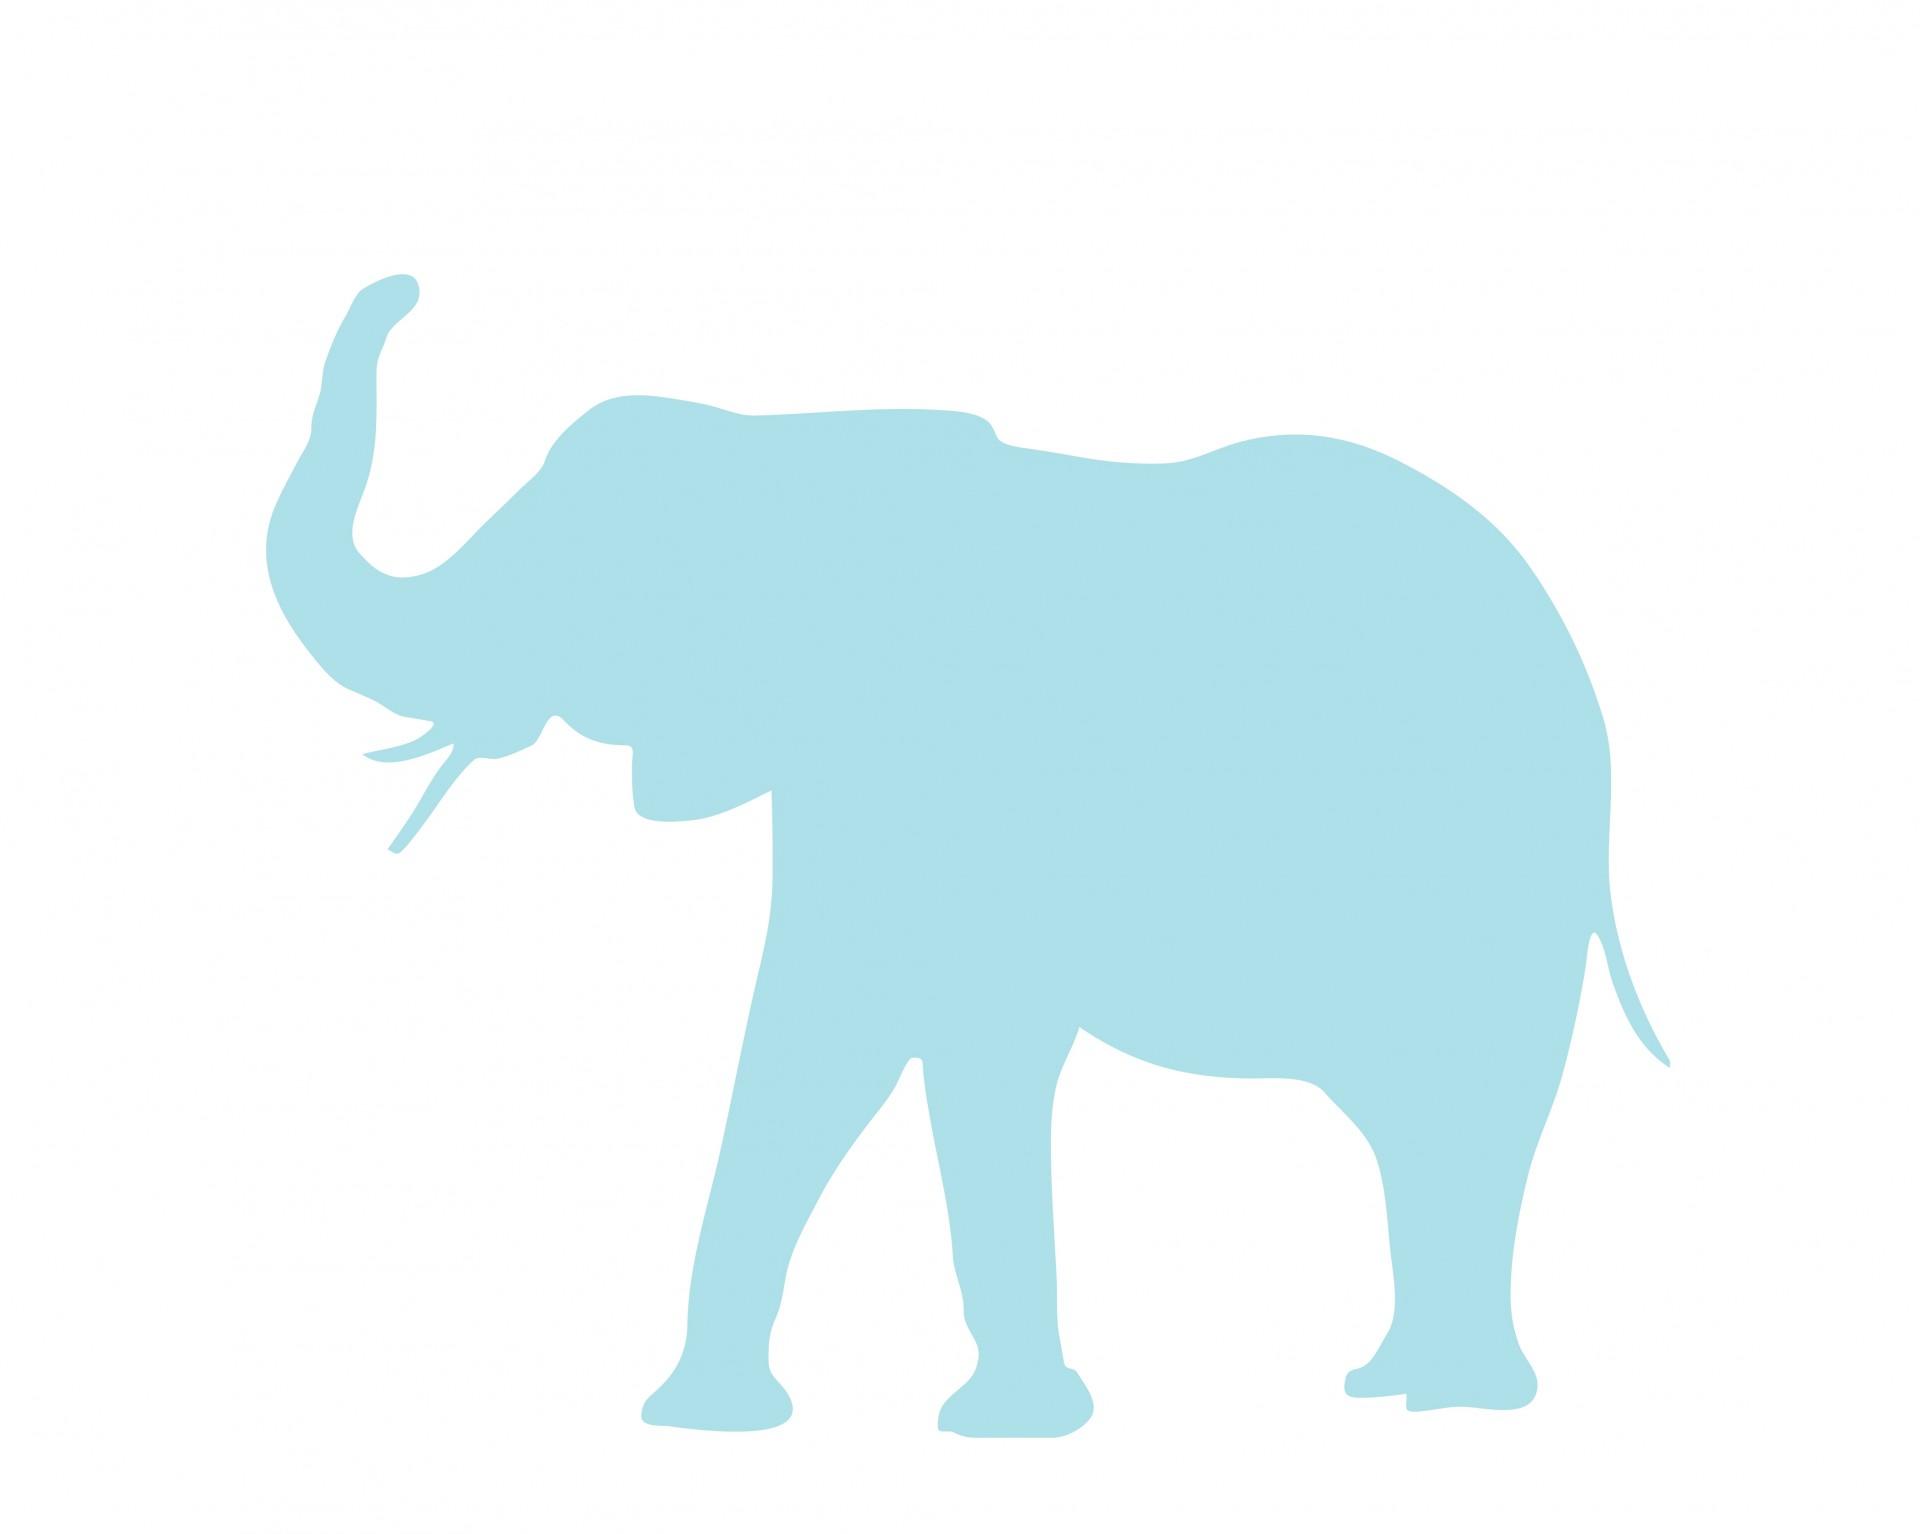 Elephant trunk clipart